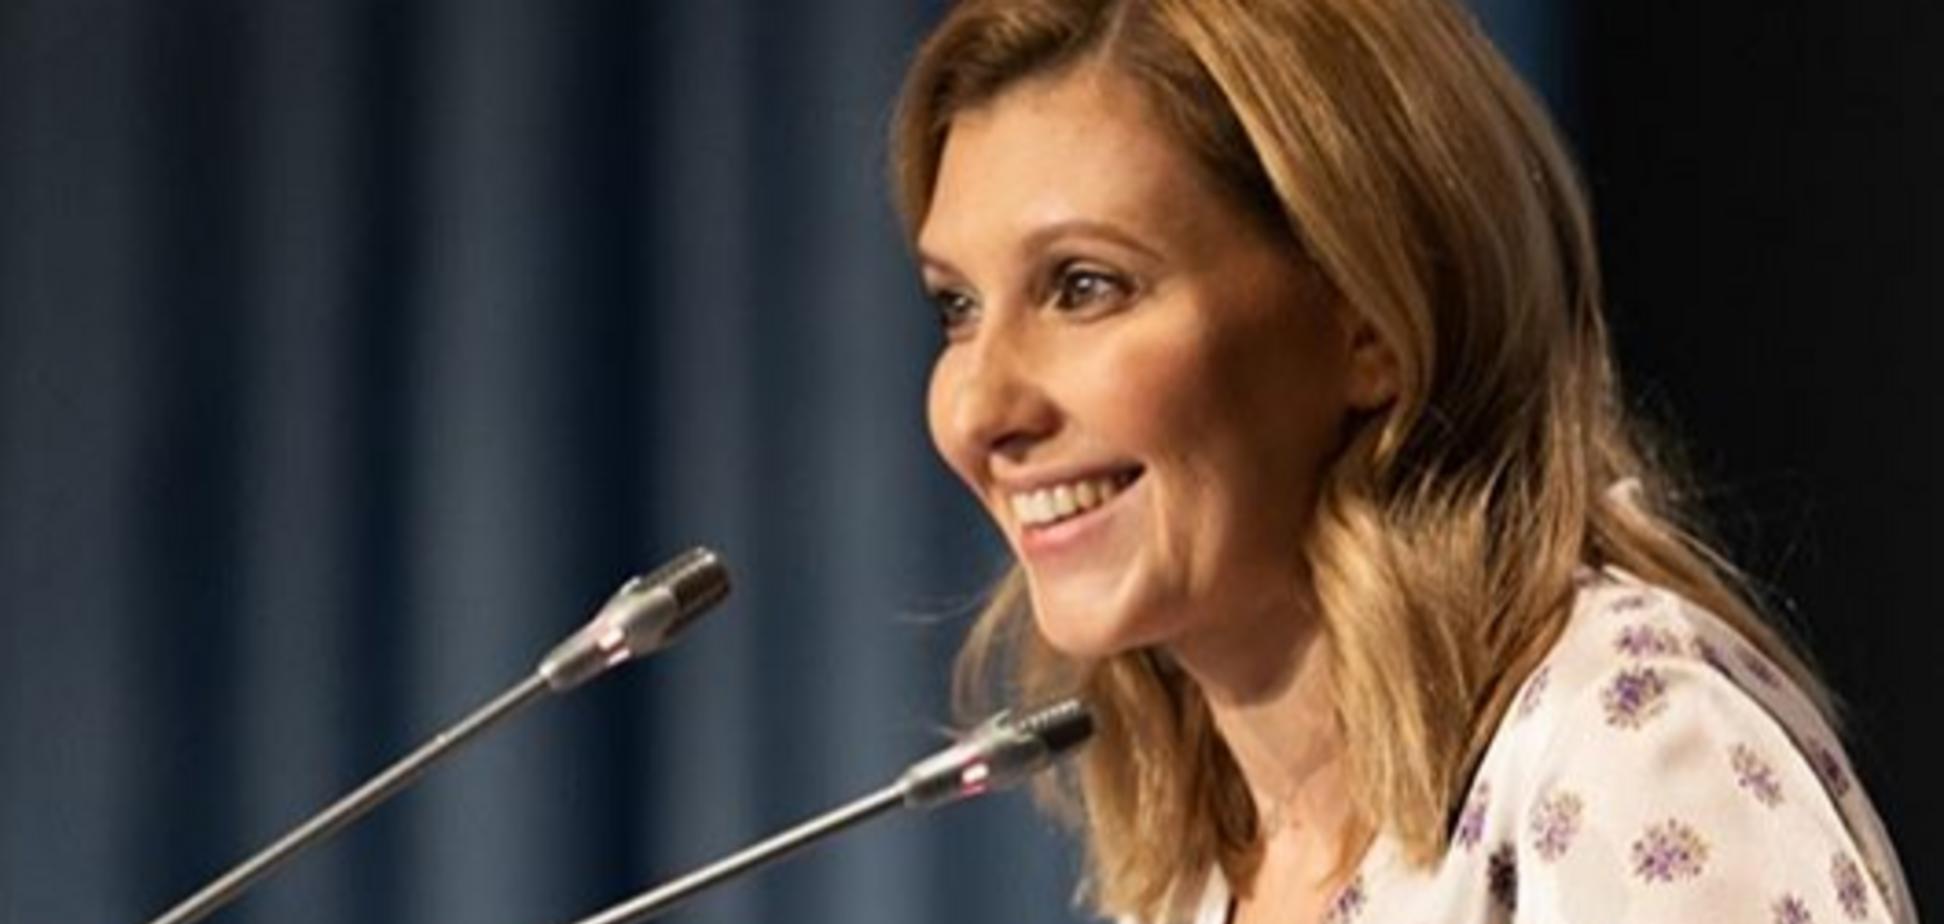 'Какая красивая!' Жена Зеленского восхитила сеть стильным образом